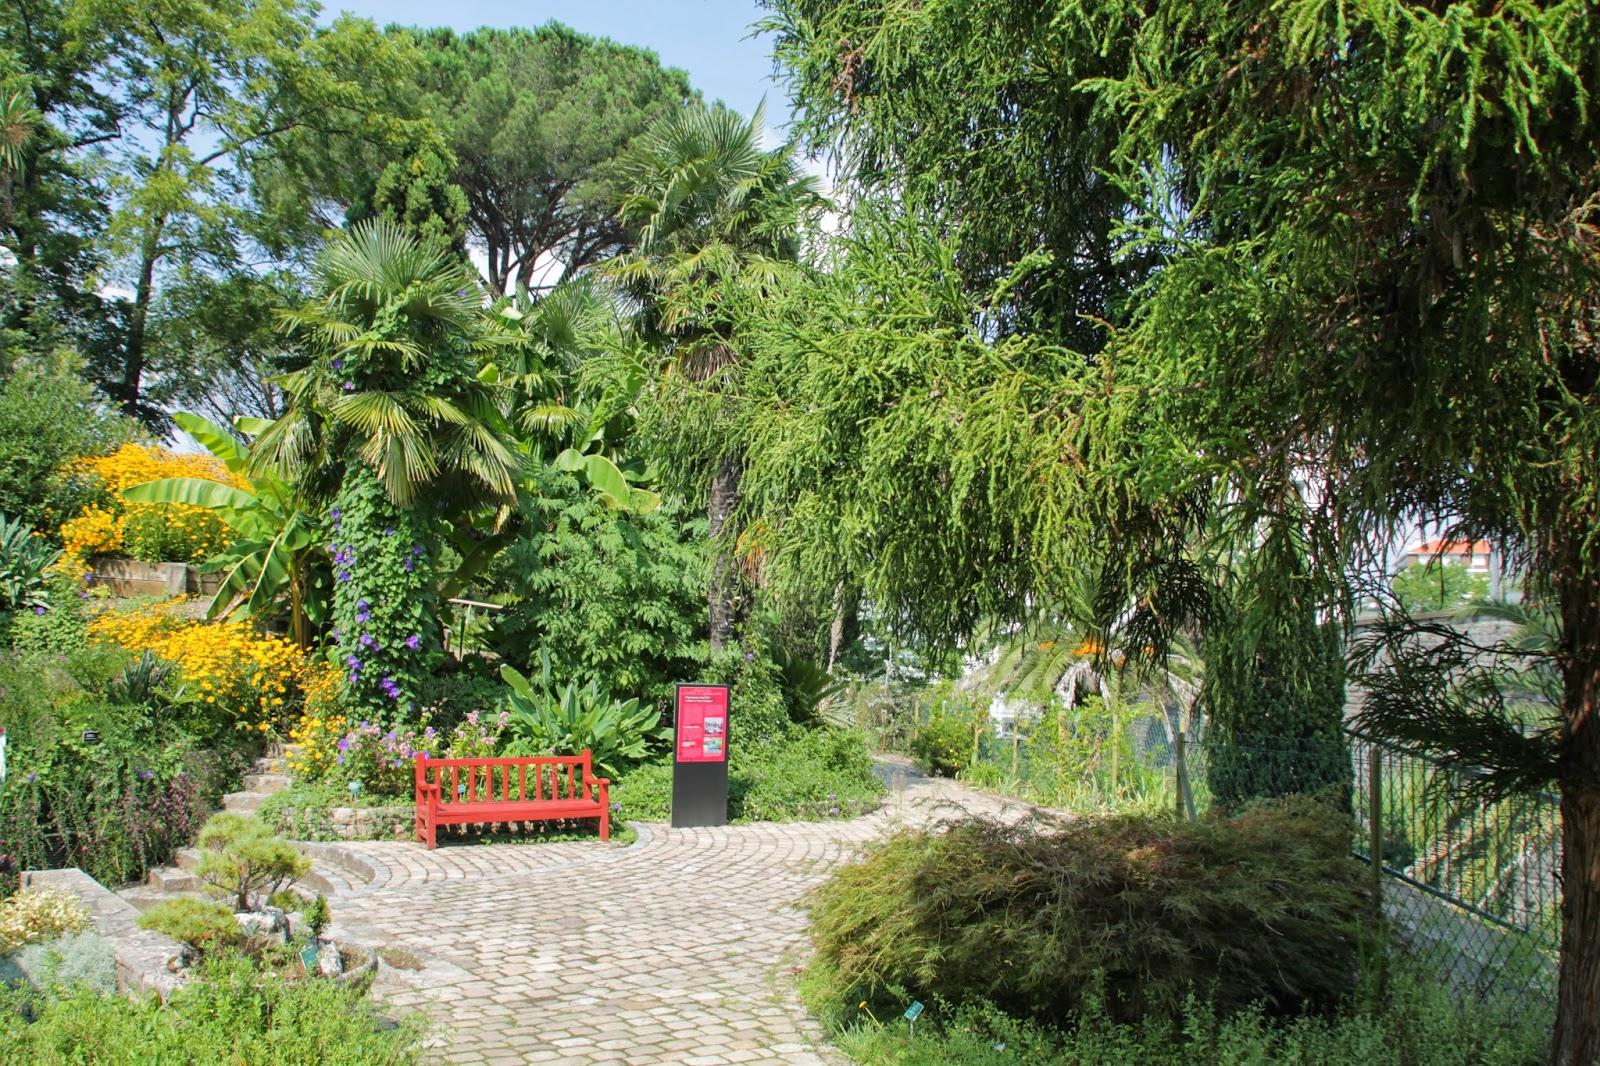 le jardin botanique de bayonne france. Black Bedroom Furniture Sets. Home Design Ideas